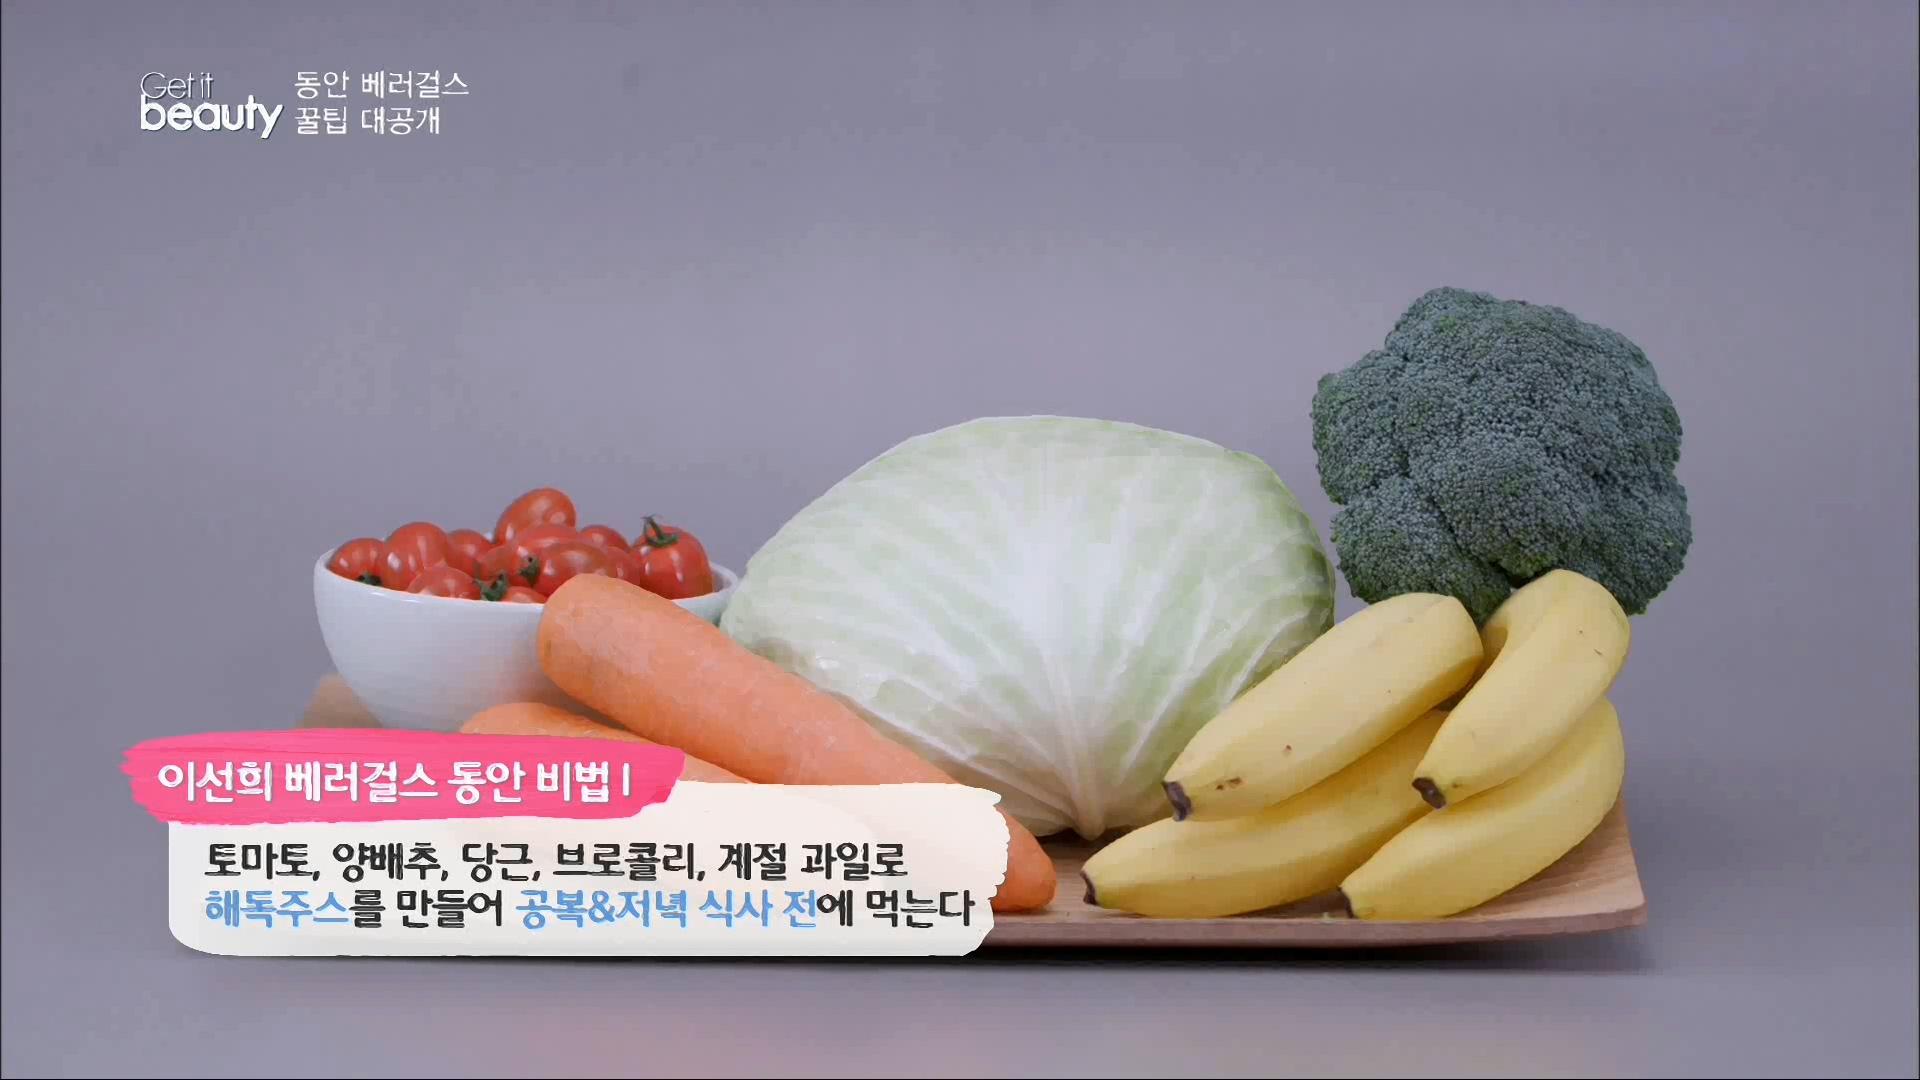 이선희 베러걸스 동안비법 1.토마토, 양배추, 당근, 브로콜리, 계절 과일로 해독주스를 만들어 공복&저녁 식사 전에 먹는다.